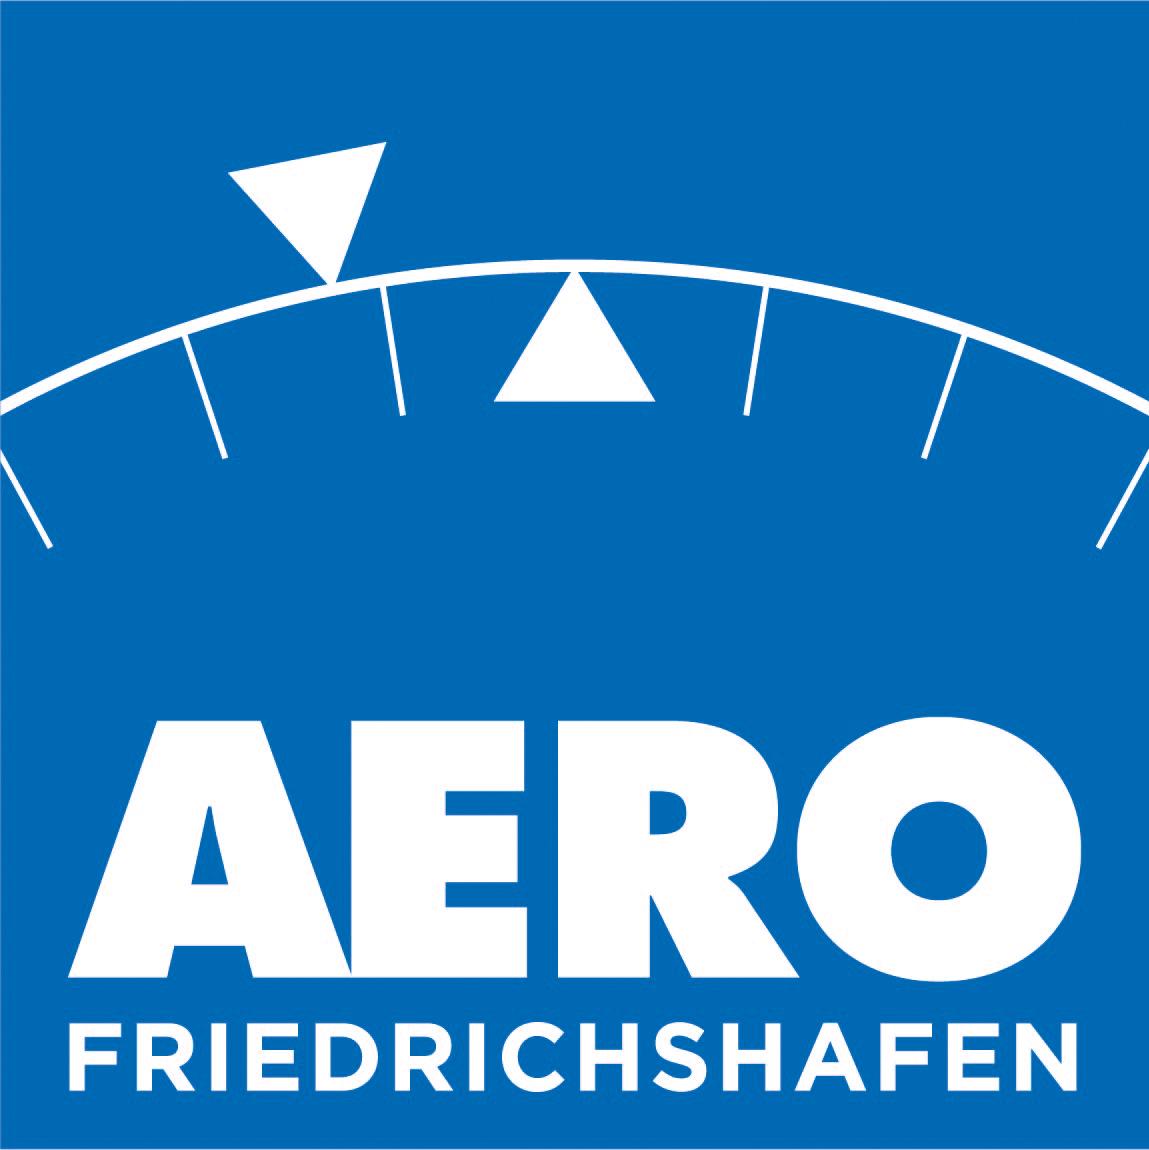 AERO 2020 (verschoben*)